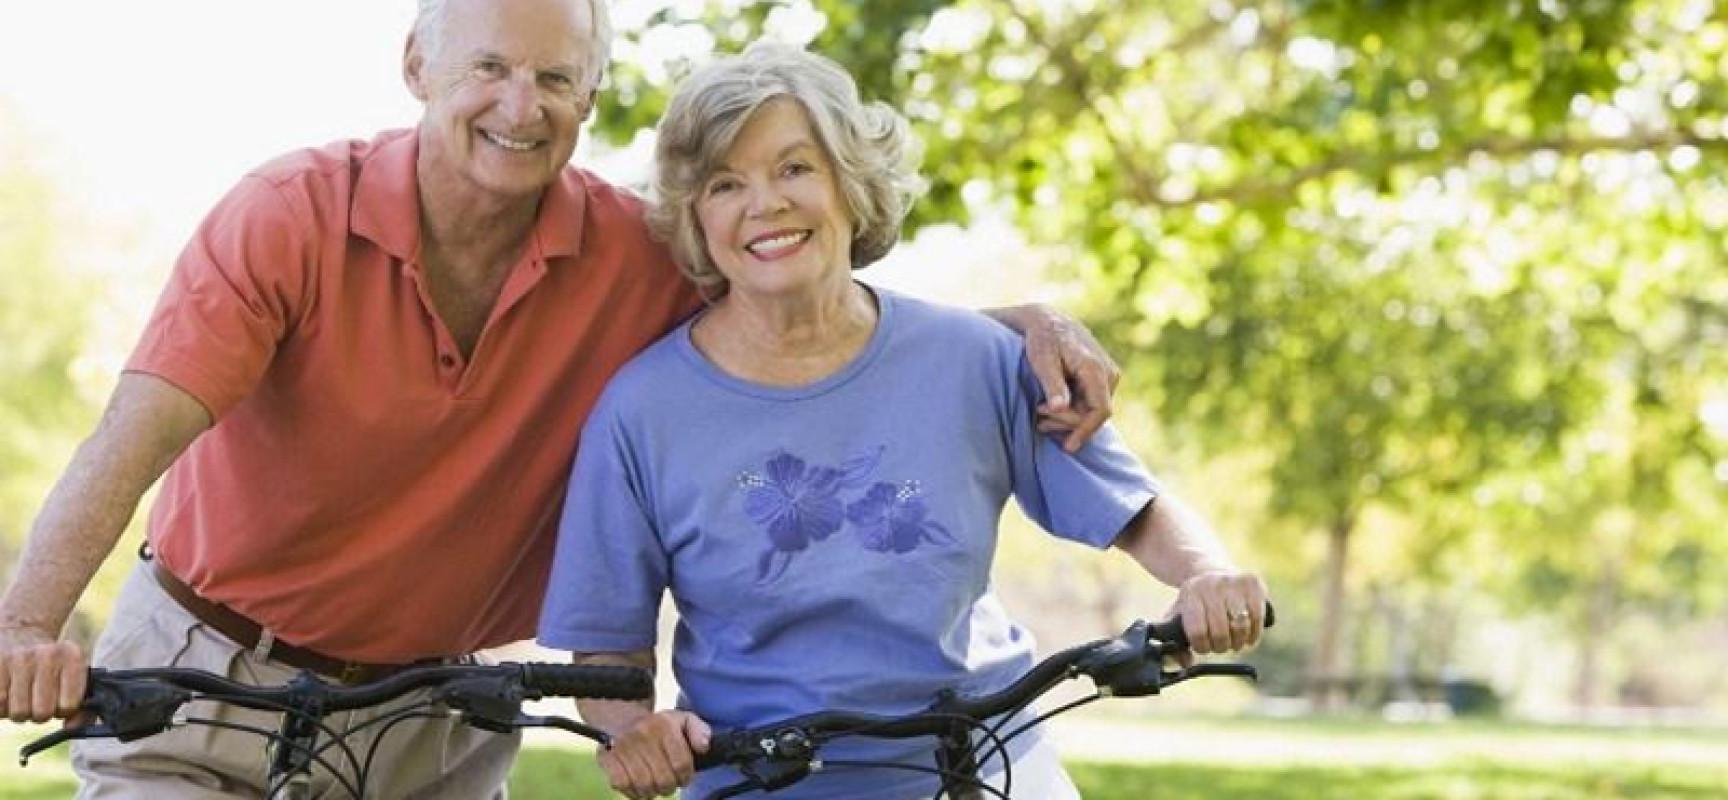 Движение жизнь в профилактике и лечении заболеваний сердца